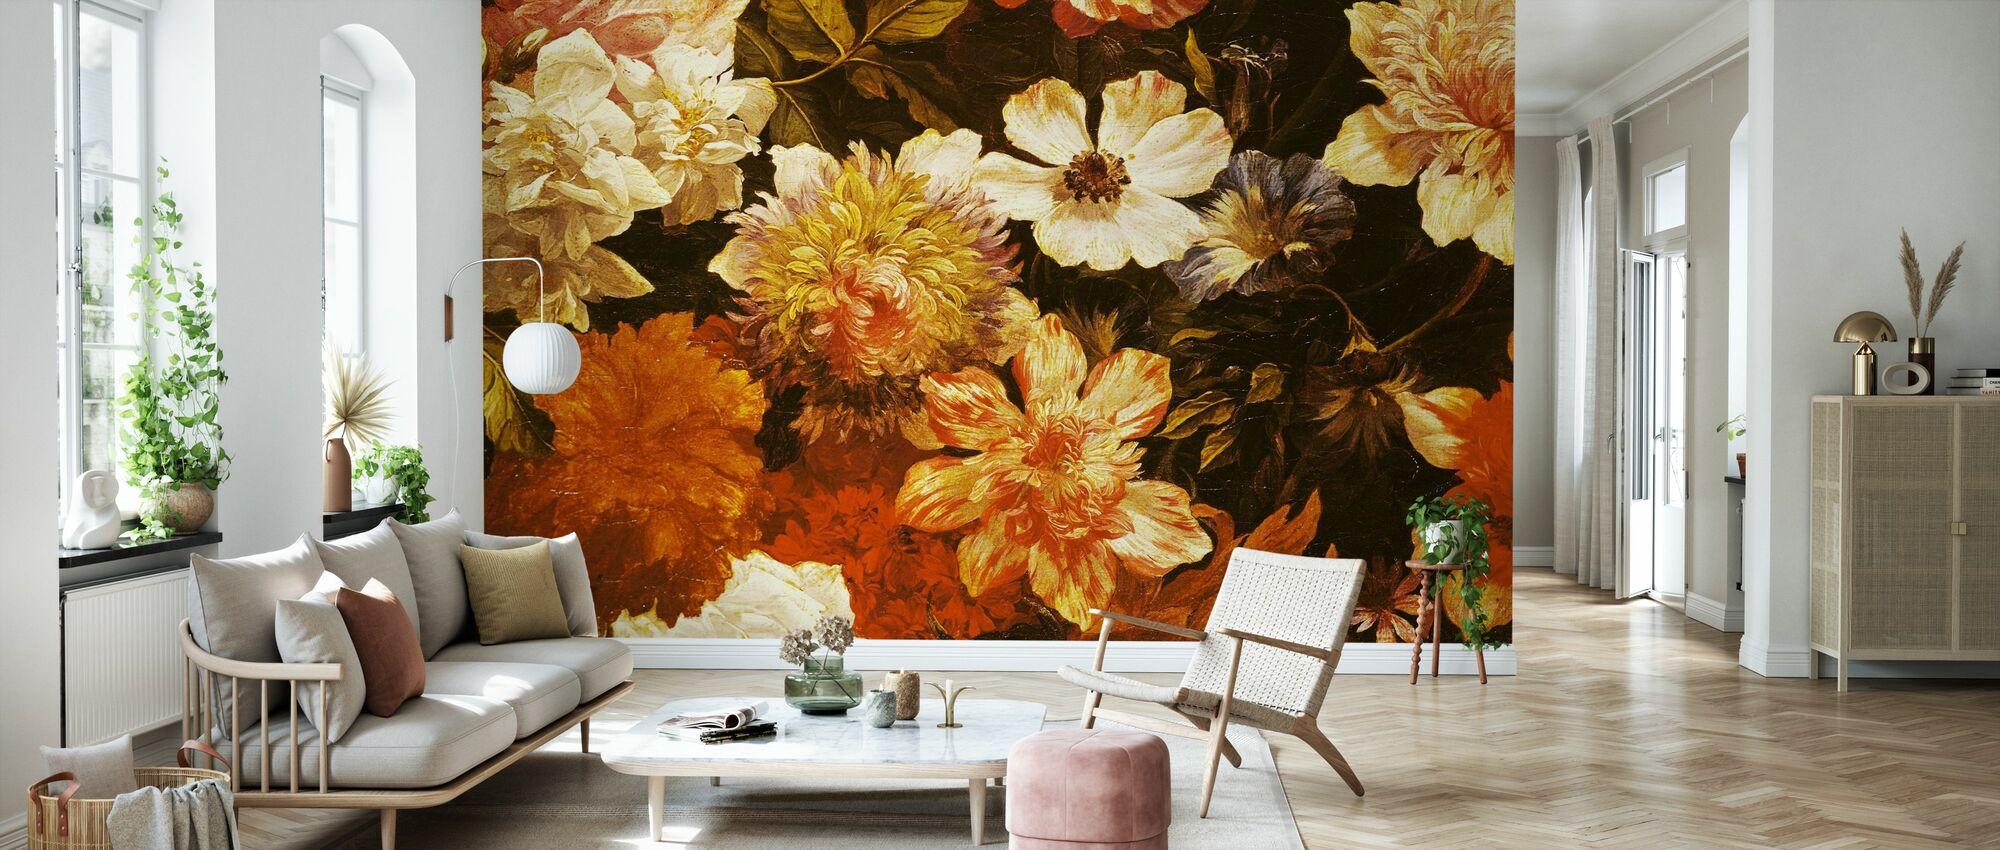 Detalj av Blomster - Michelangelo Cerquozzi - Tapet - Stue